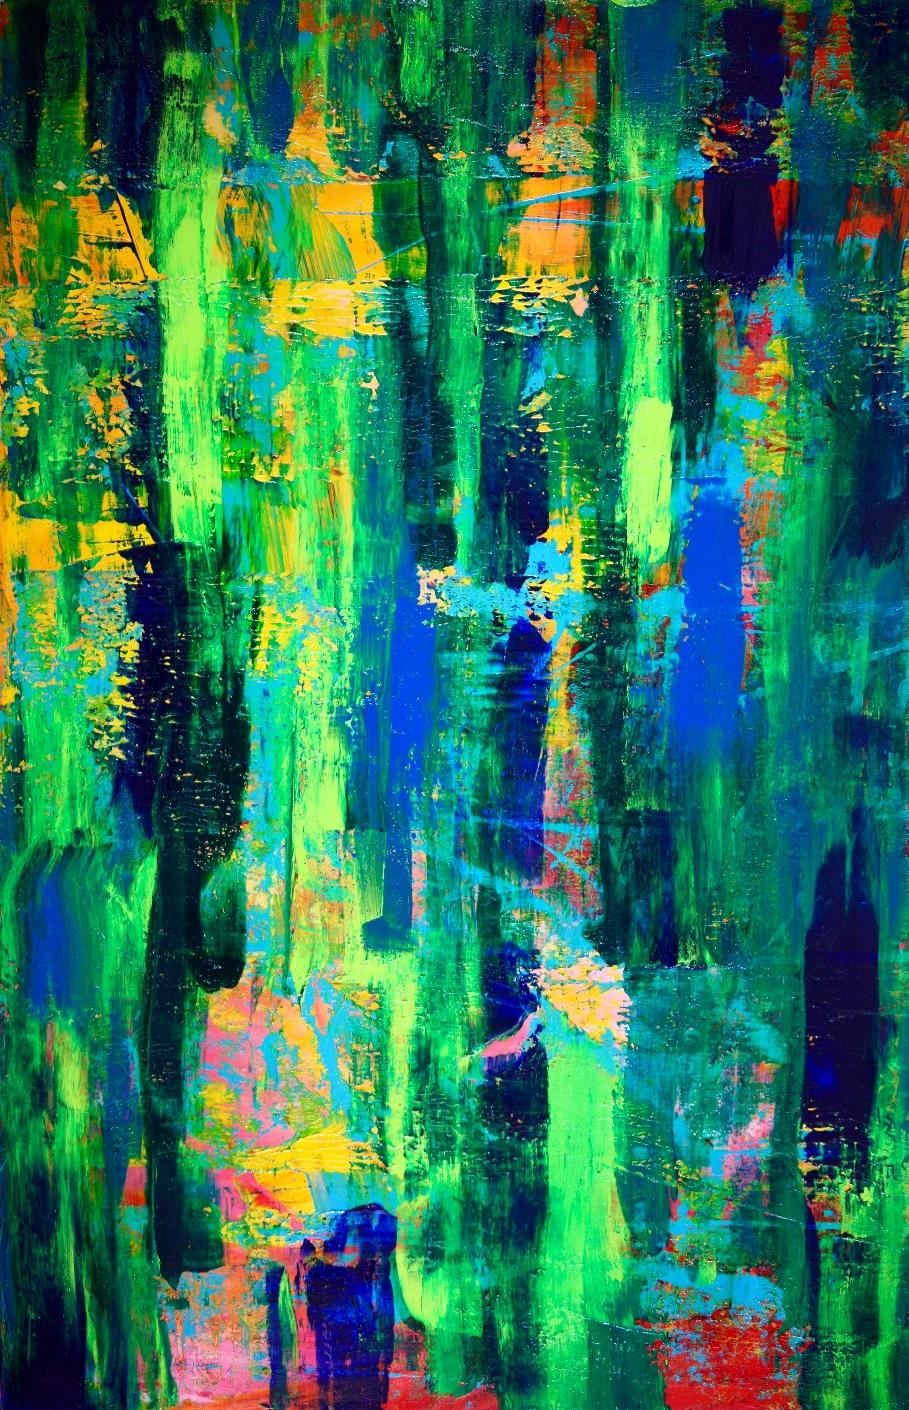 Cathartic 2 artist Nestor Toro